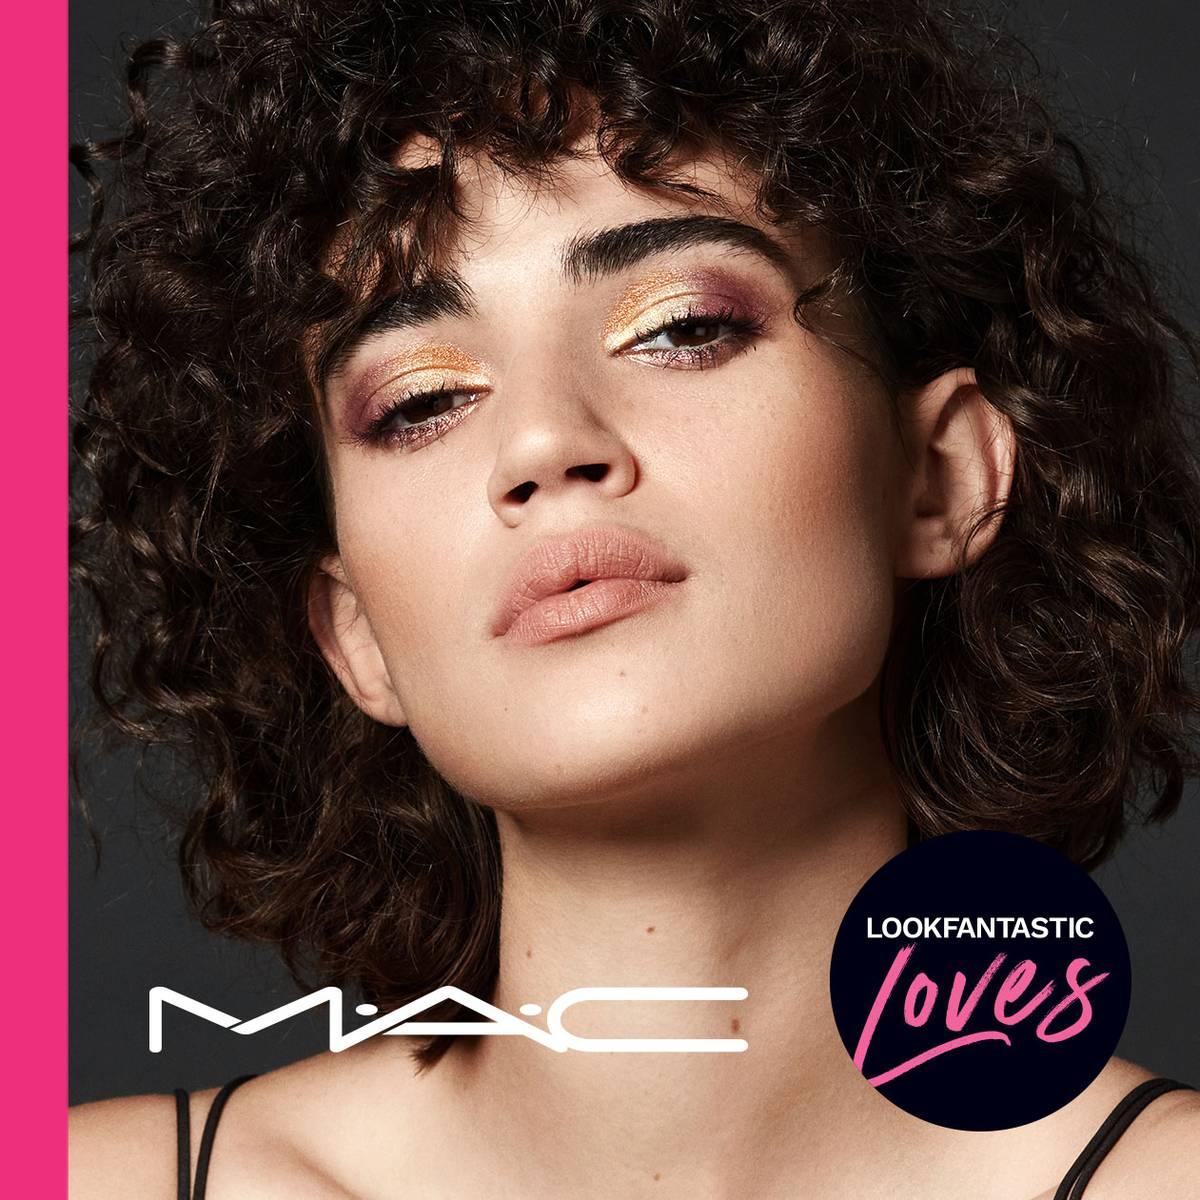 Mac, shop now